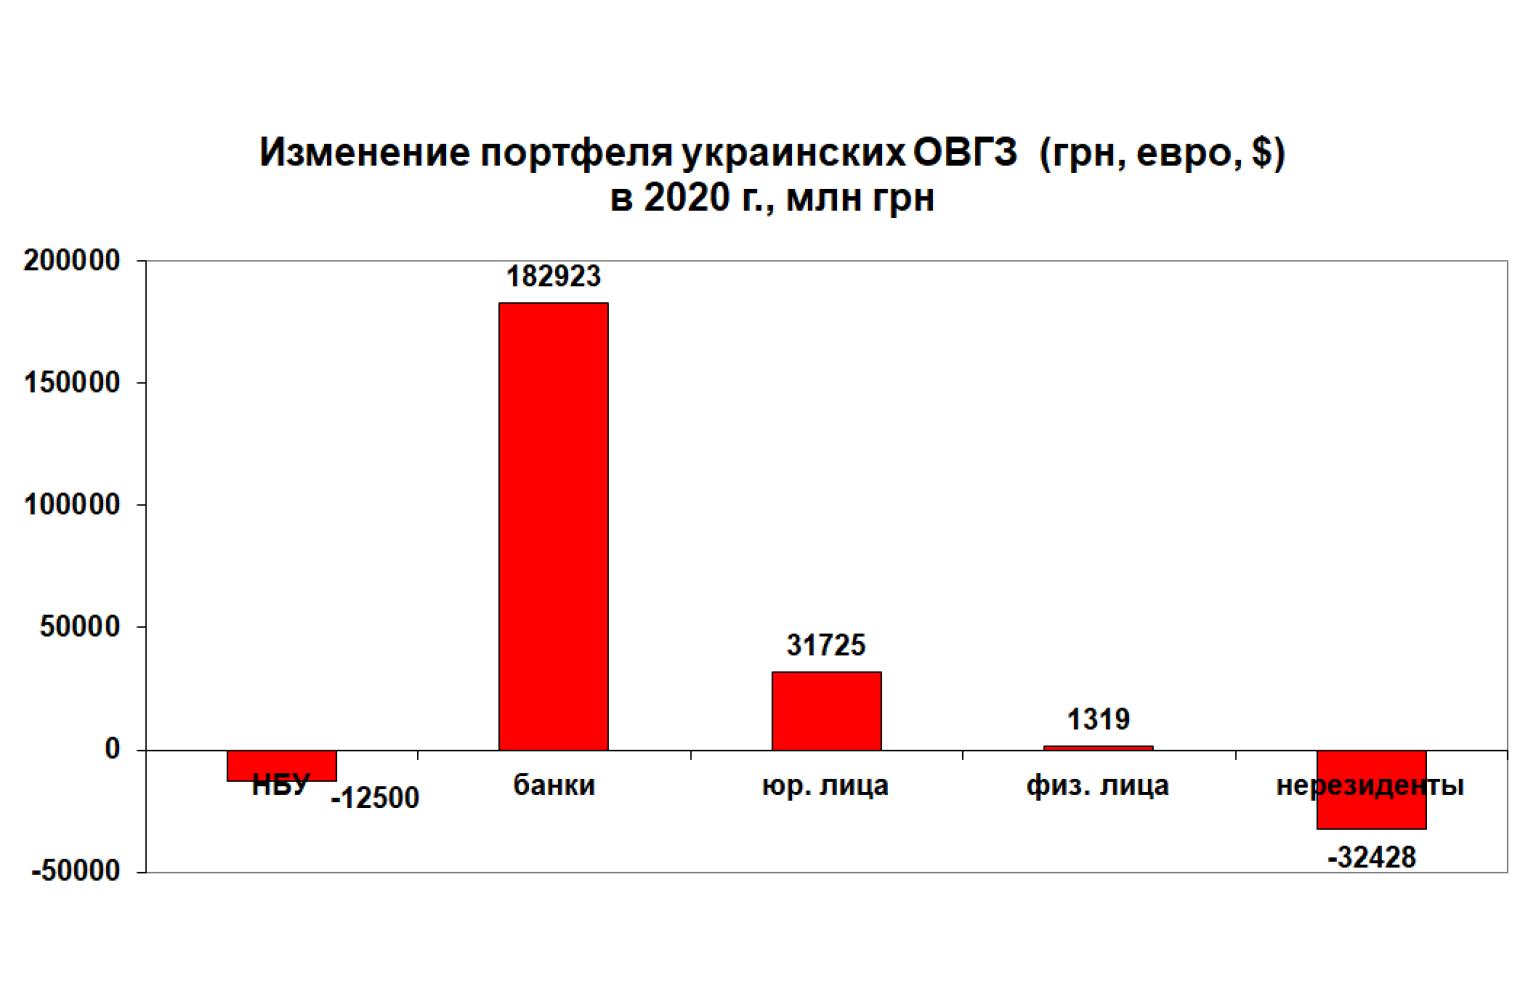 Изменение портфеля украинских ОВГЗ